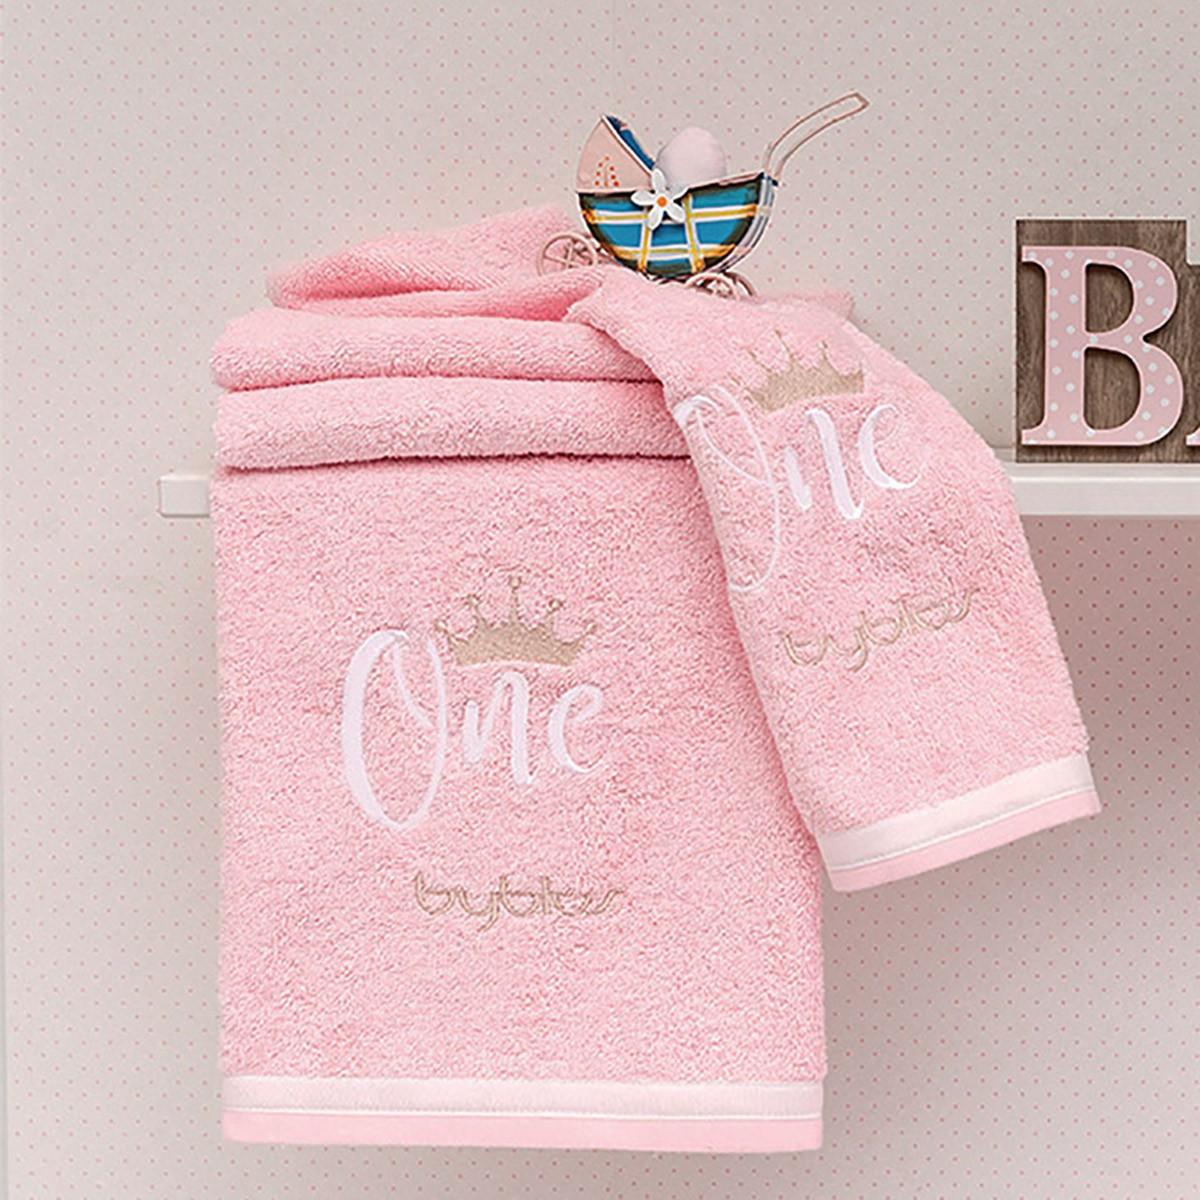 Βρεφικές Πετσέτες (Σετ 2τμχ) Byblos Des 86 One Pink